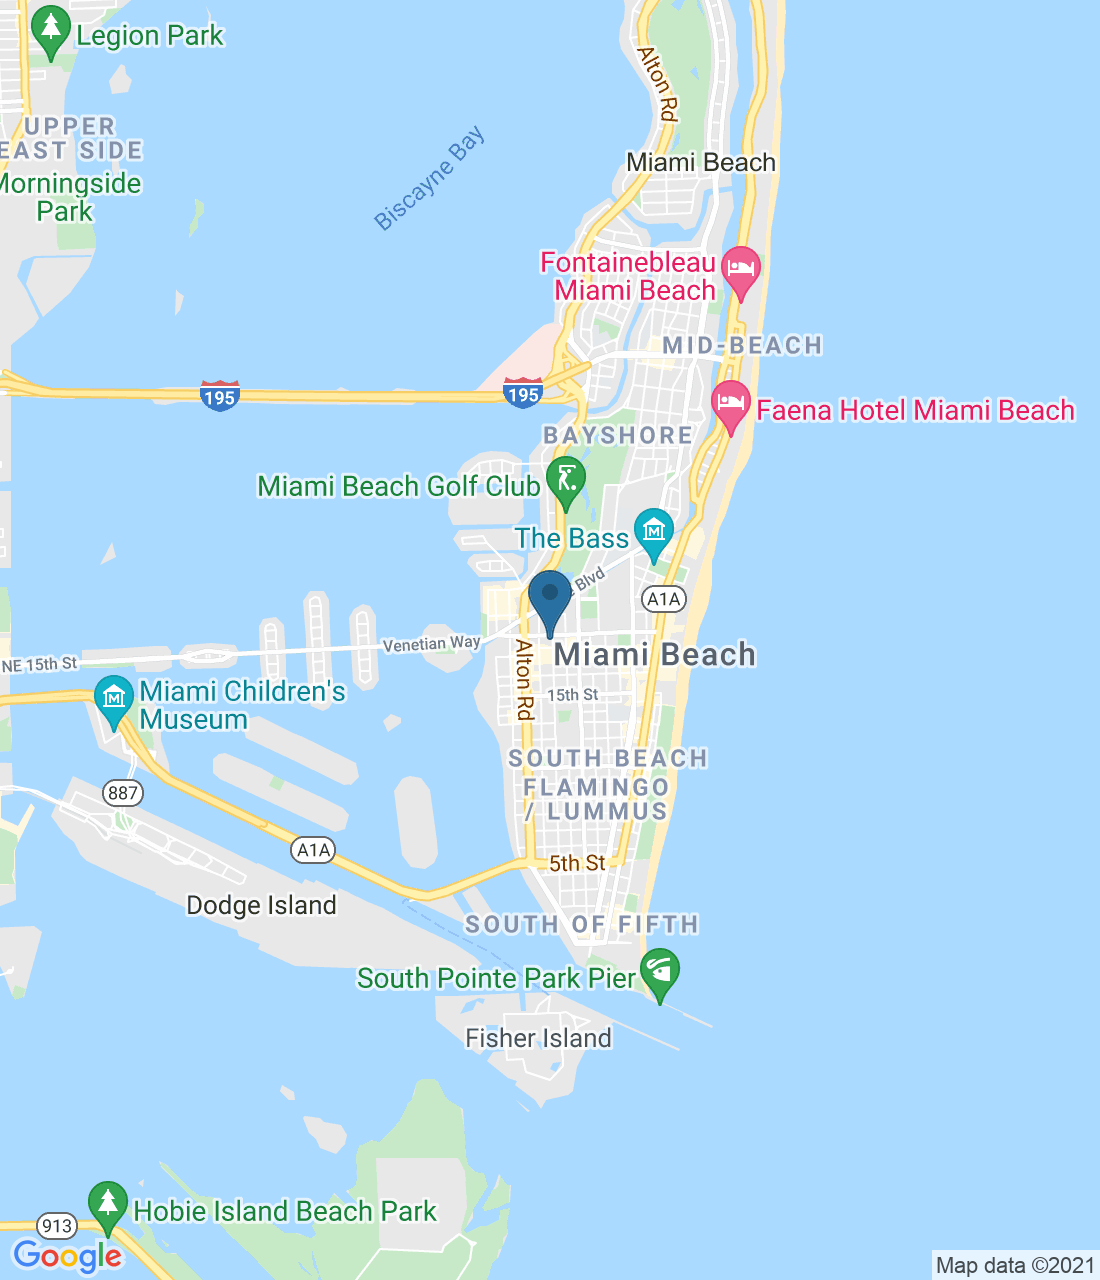 1680 Michigan Ave, Miami Beach, FL 33139, США